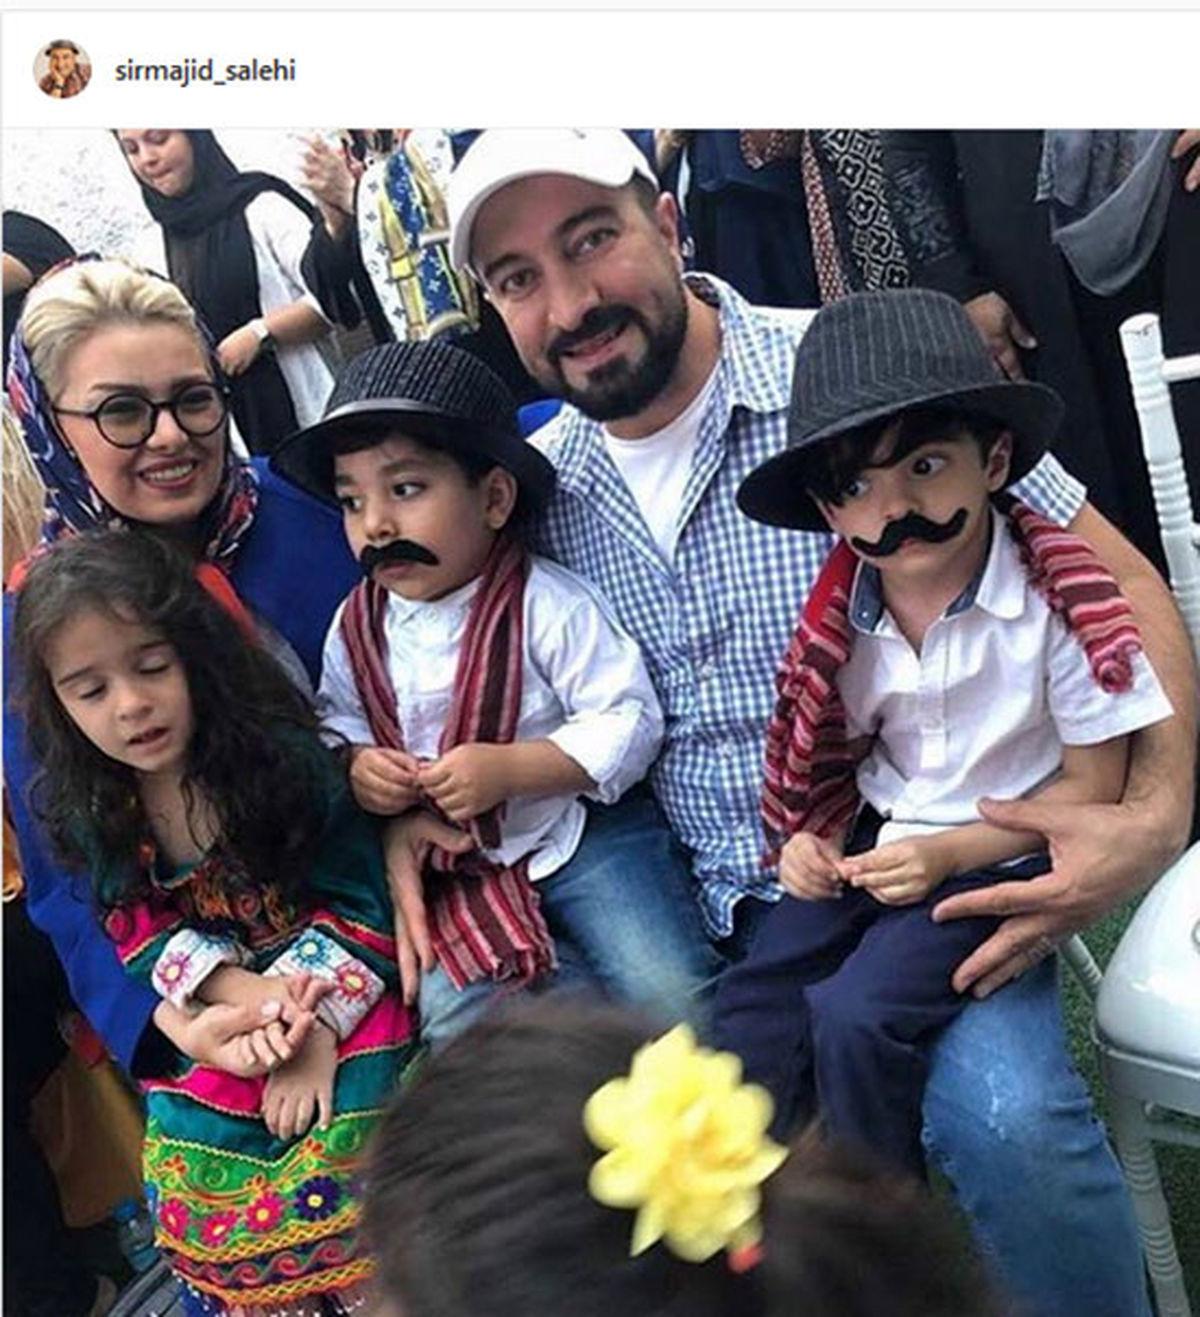 مجید صالحی در کنار همسر و دو قلوهایش /عکس